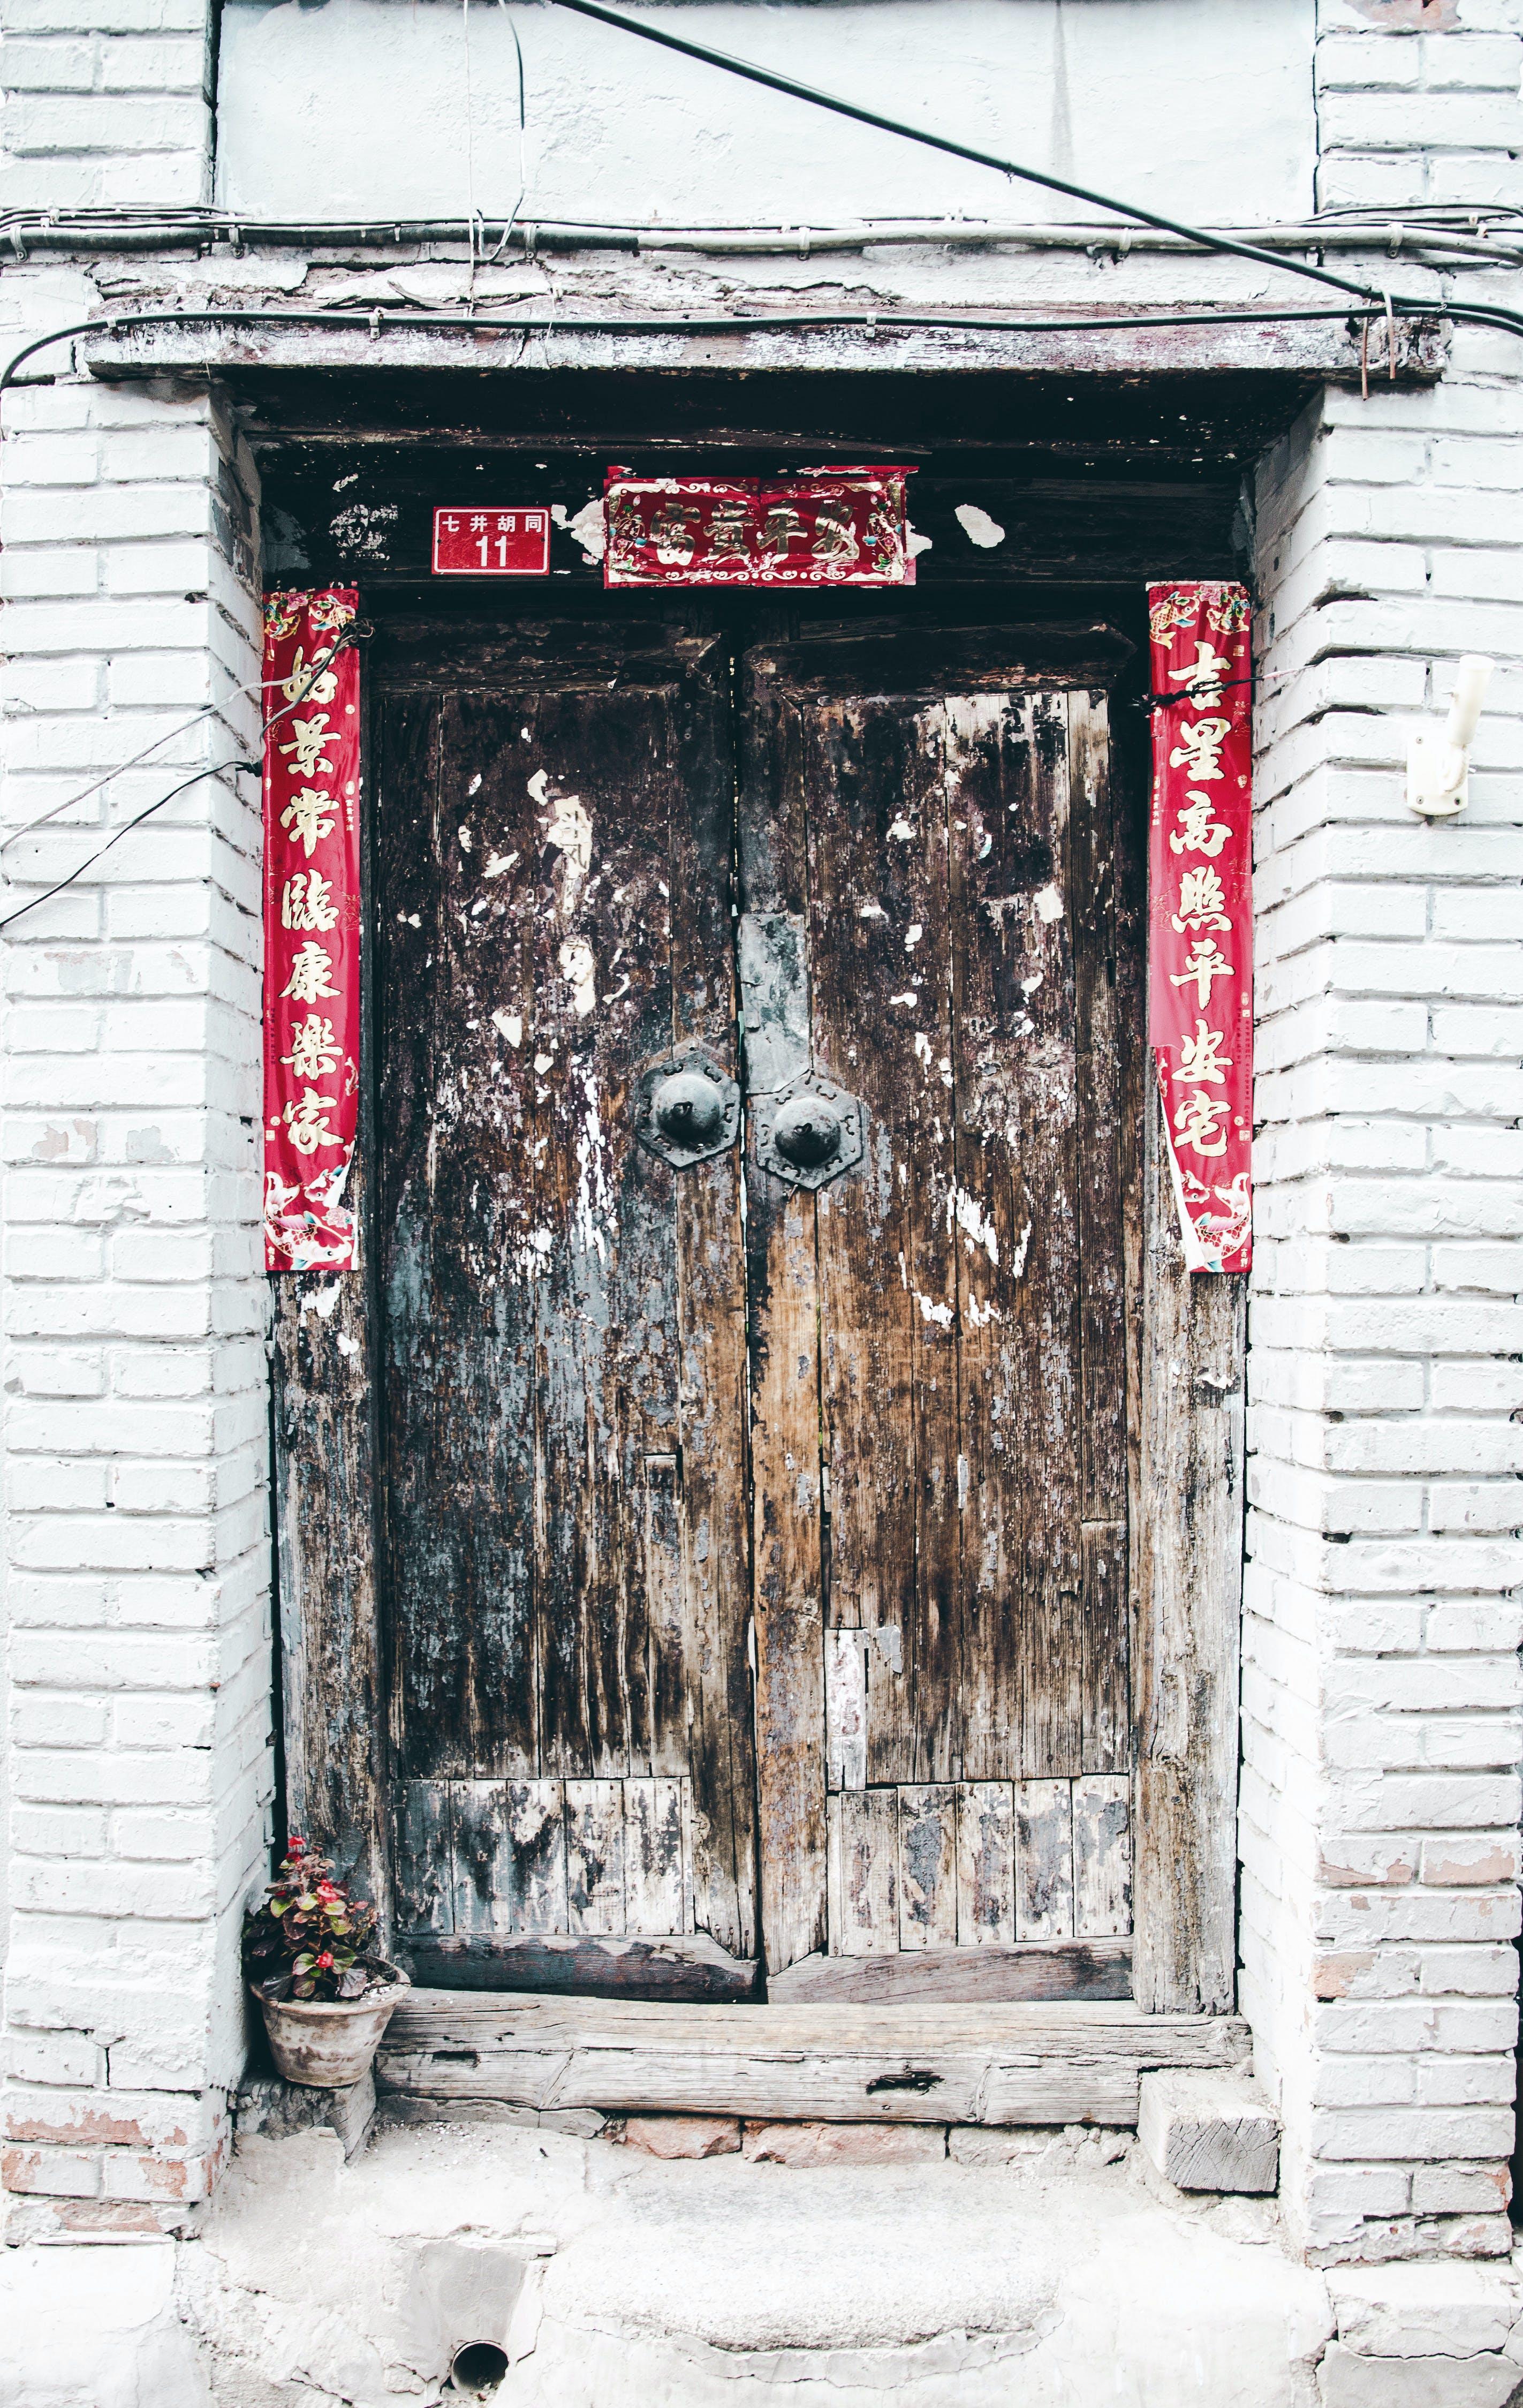 Ingyenes stockfotó ajtó, Kína, peking témában